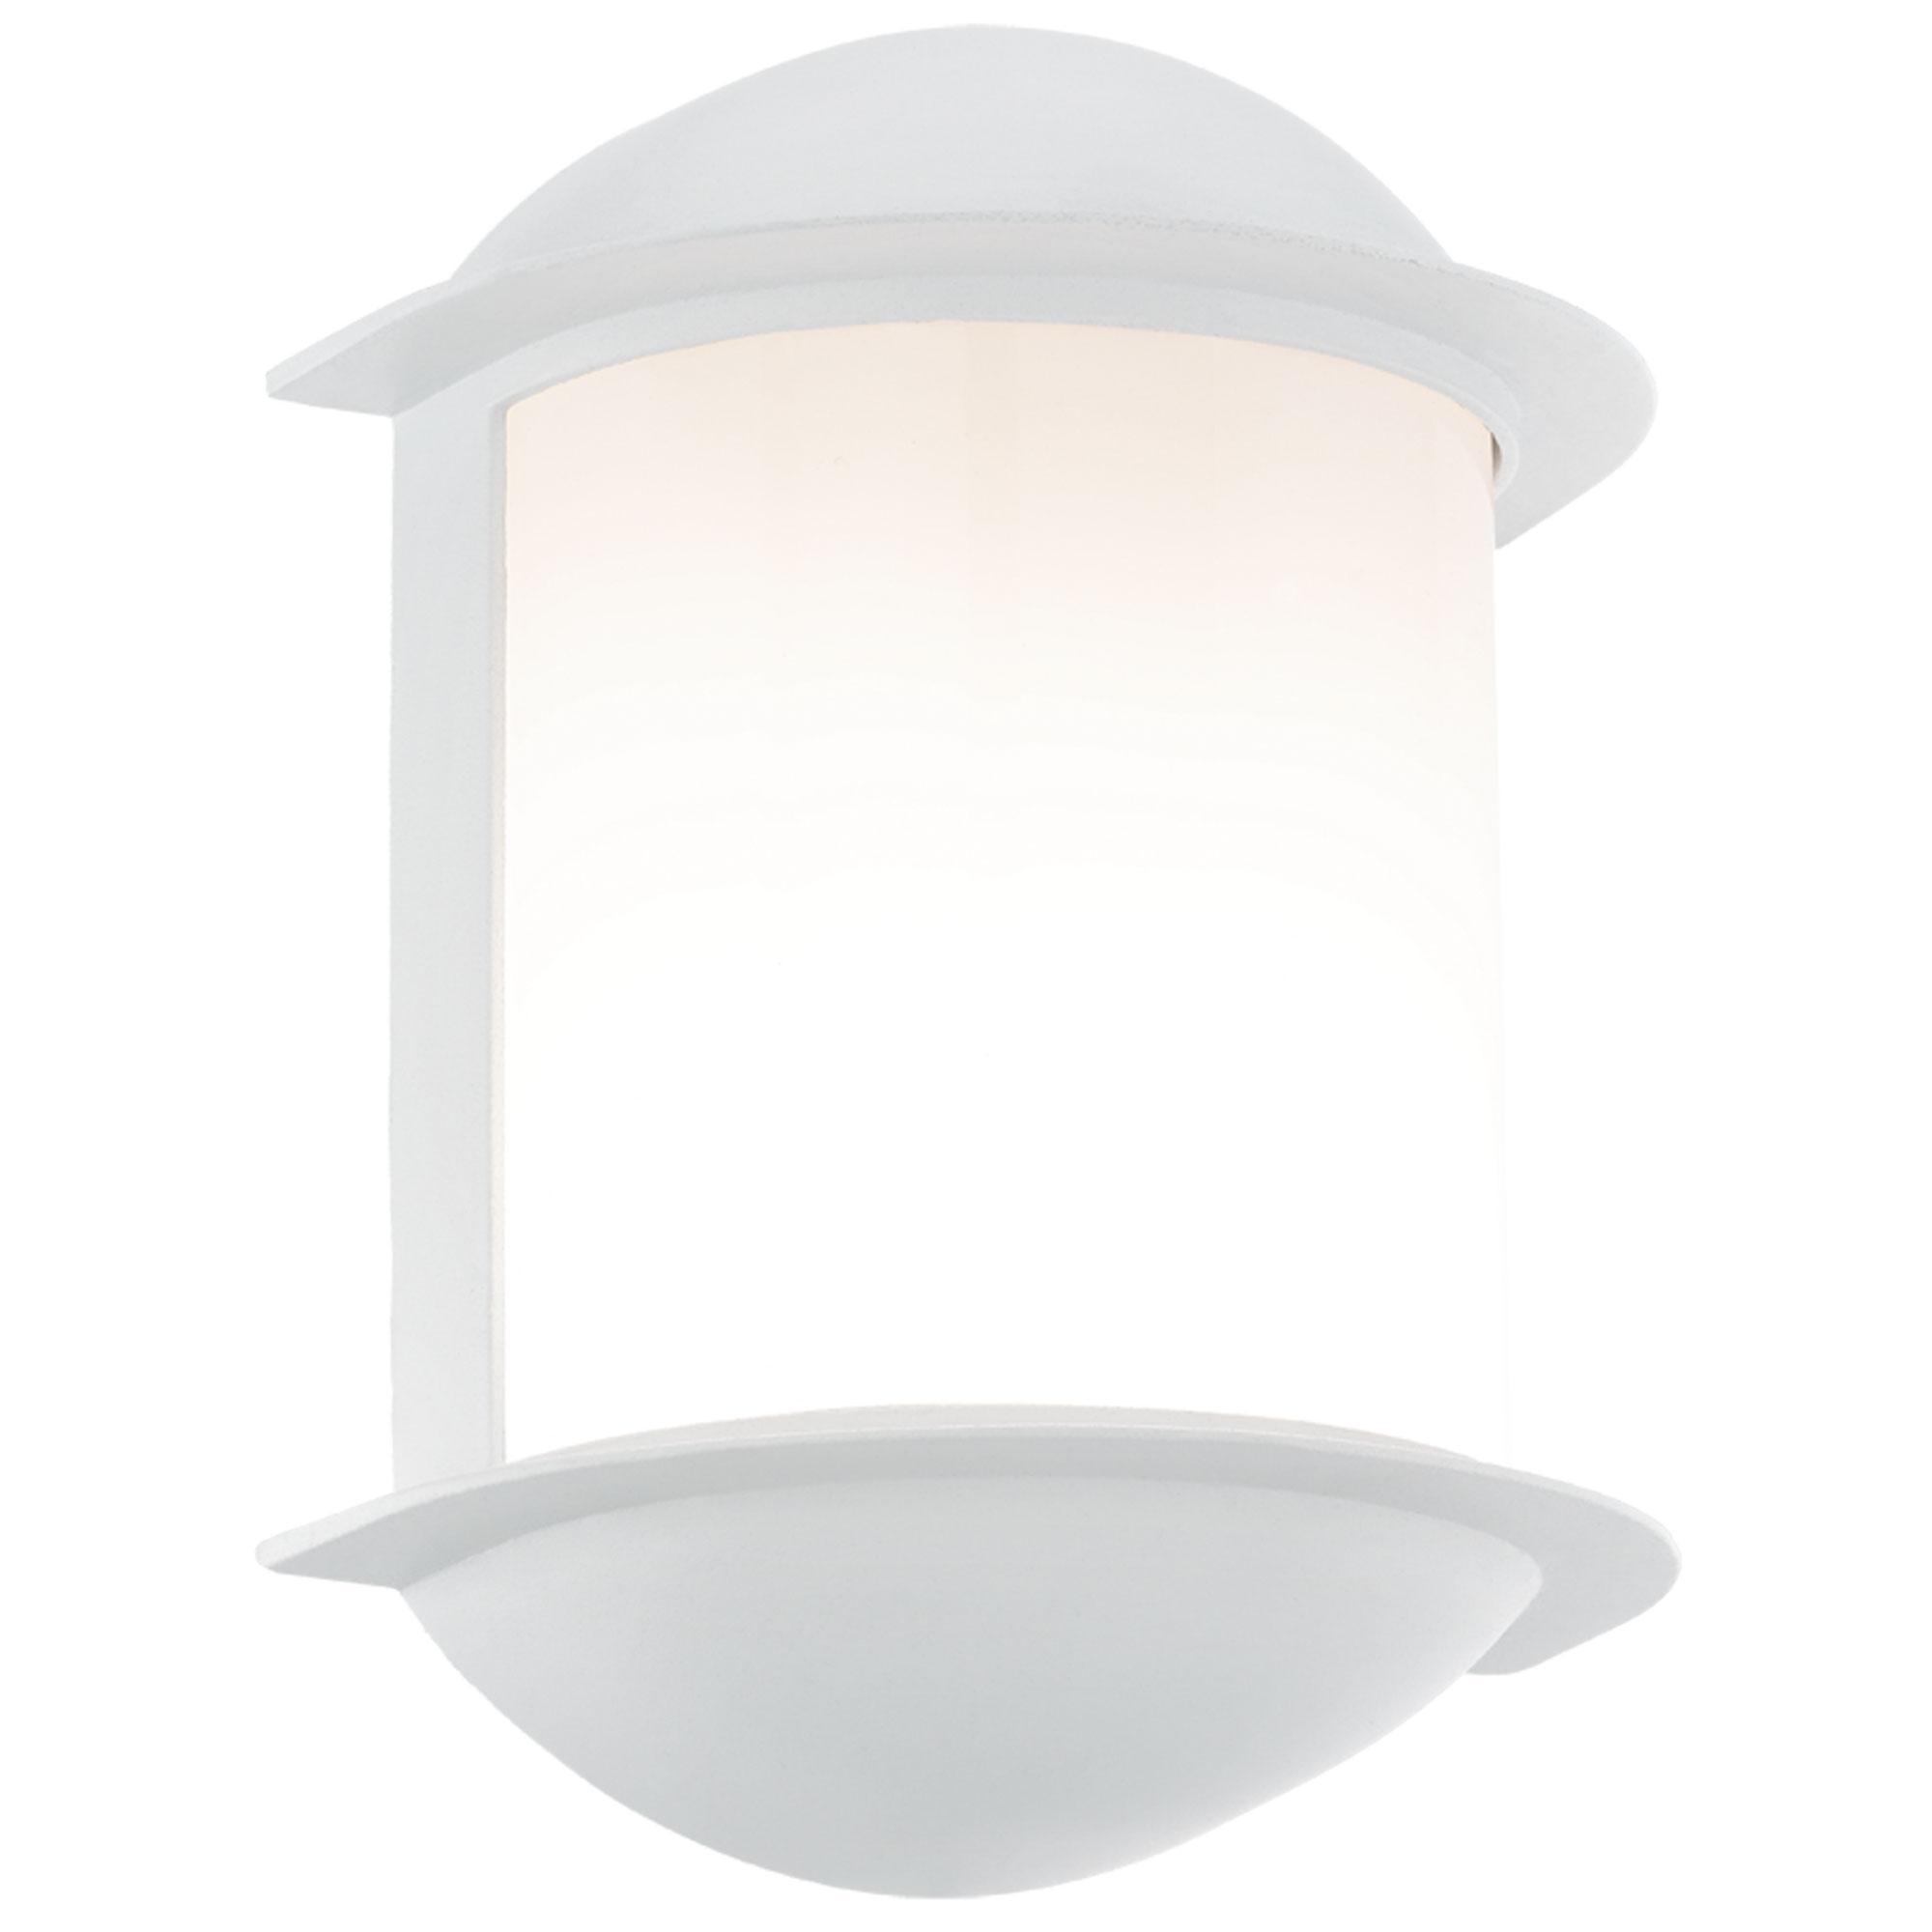 Aplica de exterior cu LED Eglo Modern Isoba 1x7W 16x22x10cm aluminiu alb imagine sensodays.ro